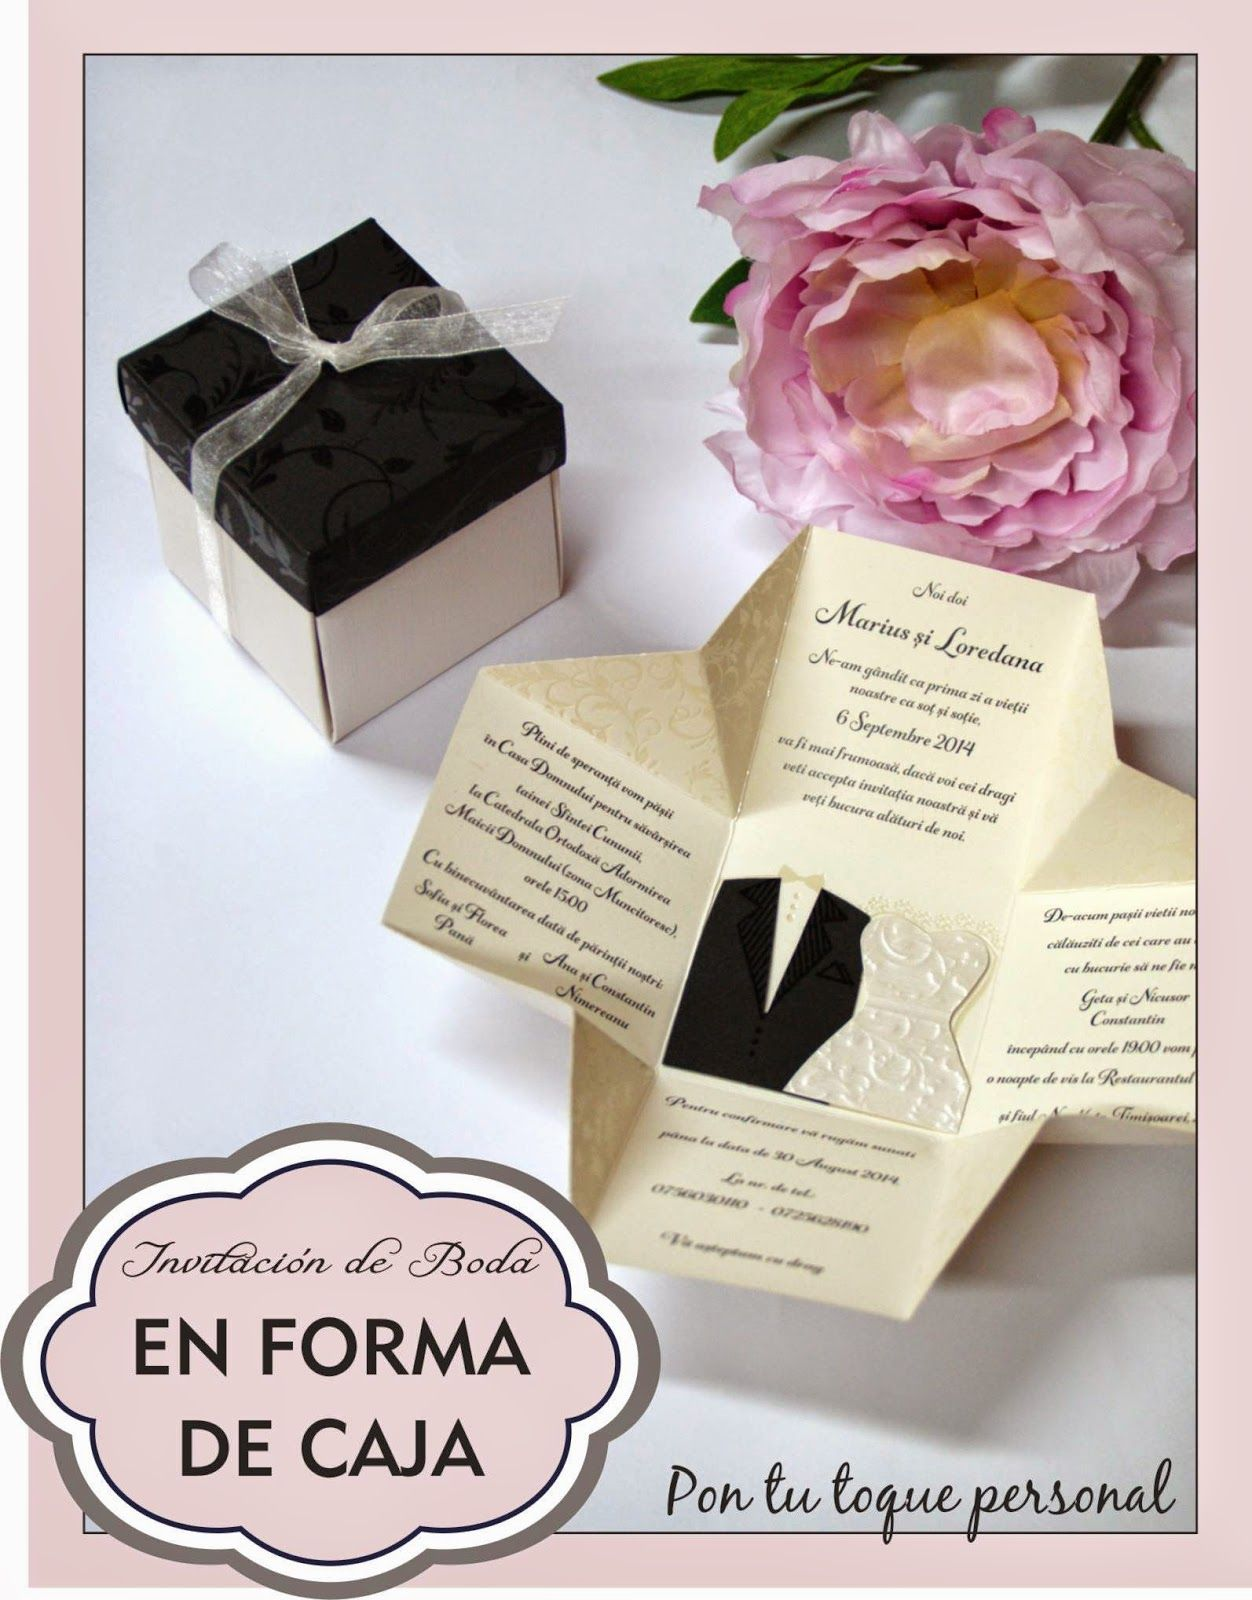 Invitaci n de boda original con forma de caja - Tarjetas de invitacion de boda originales ...